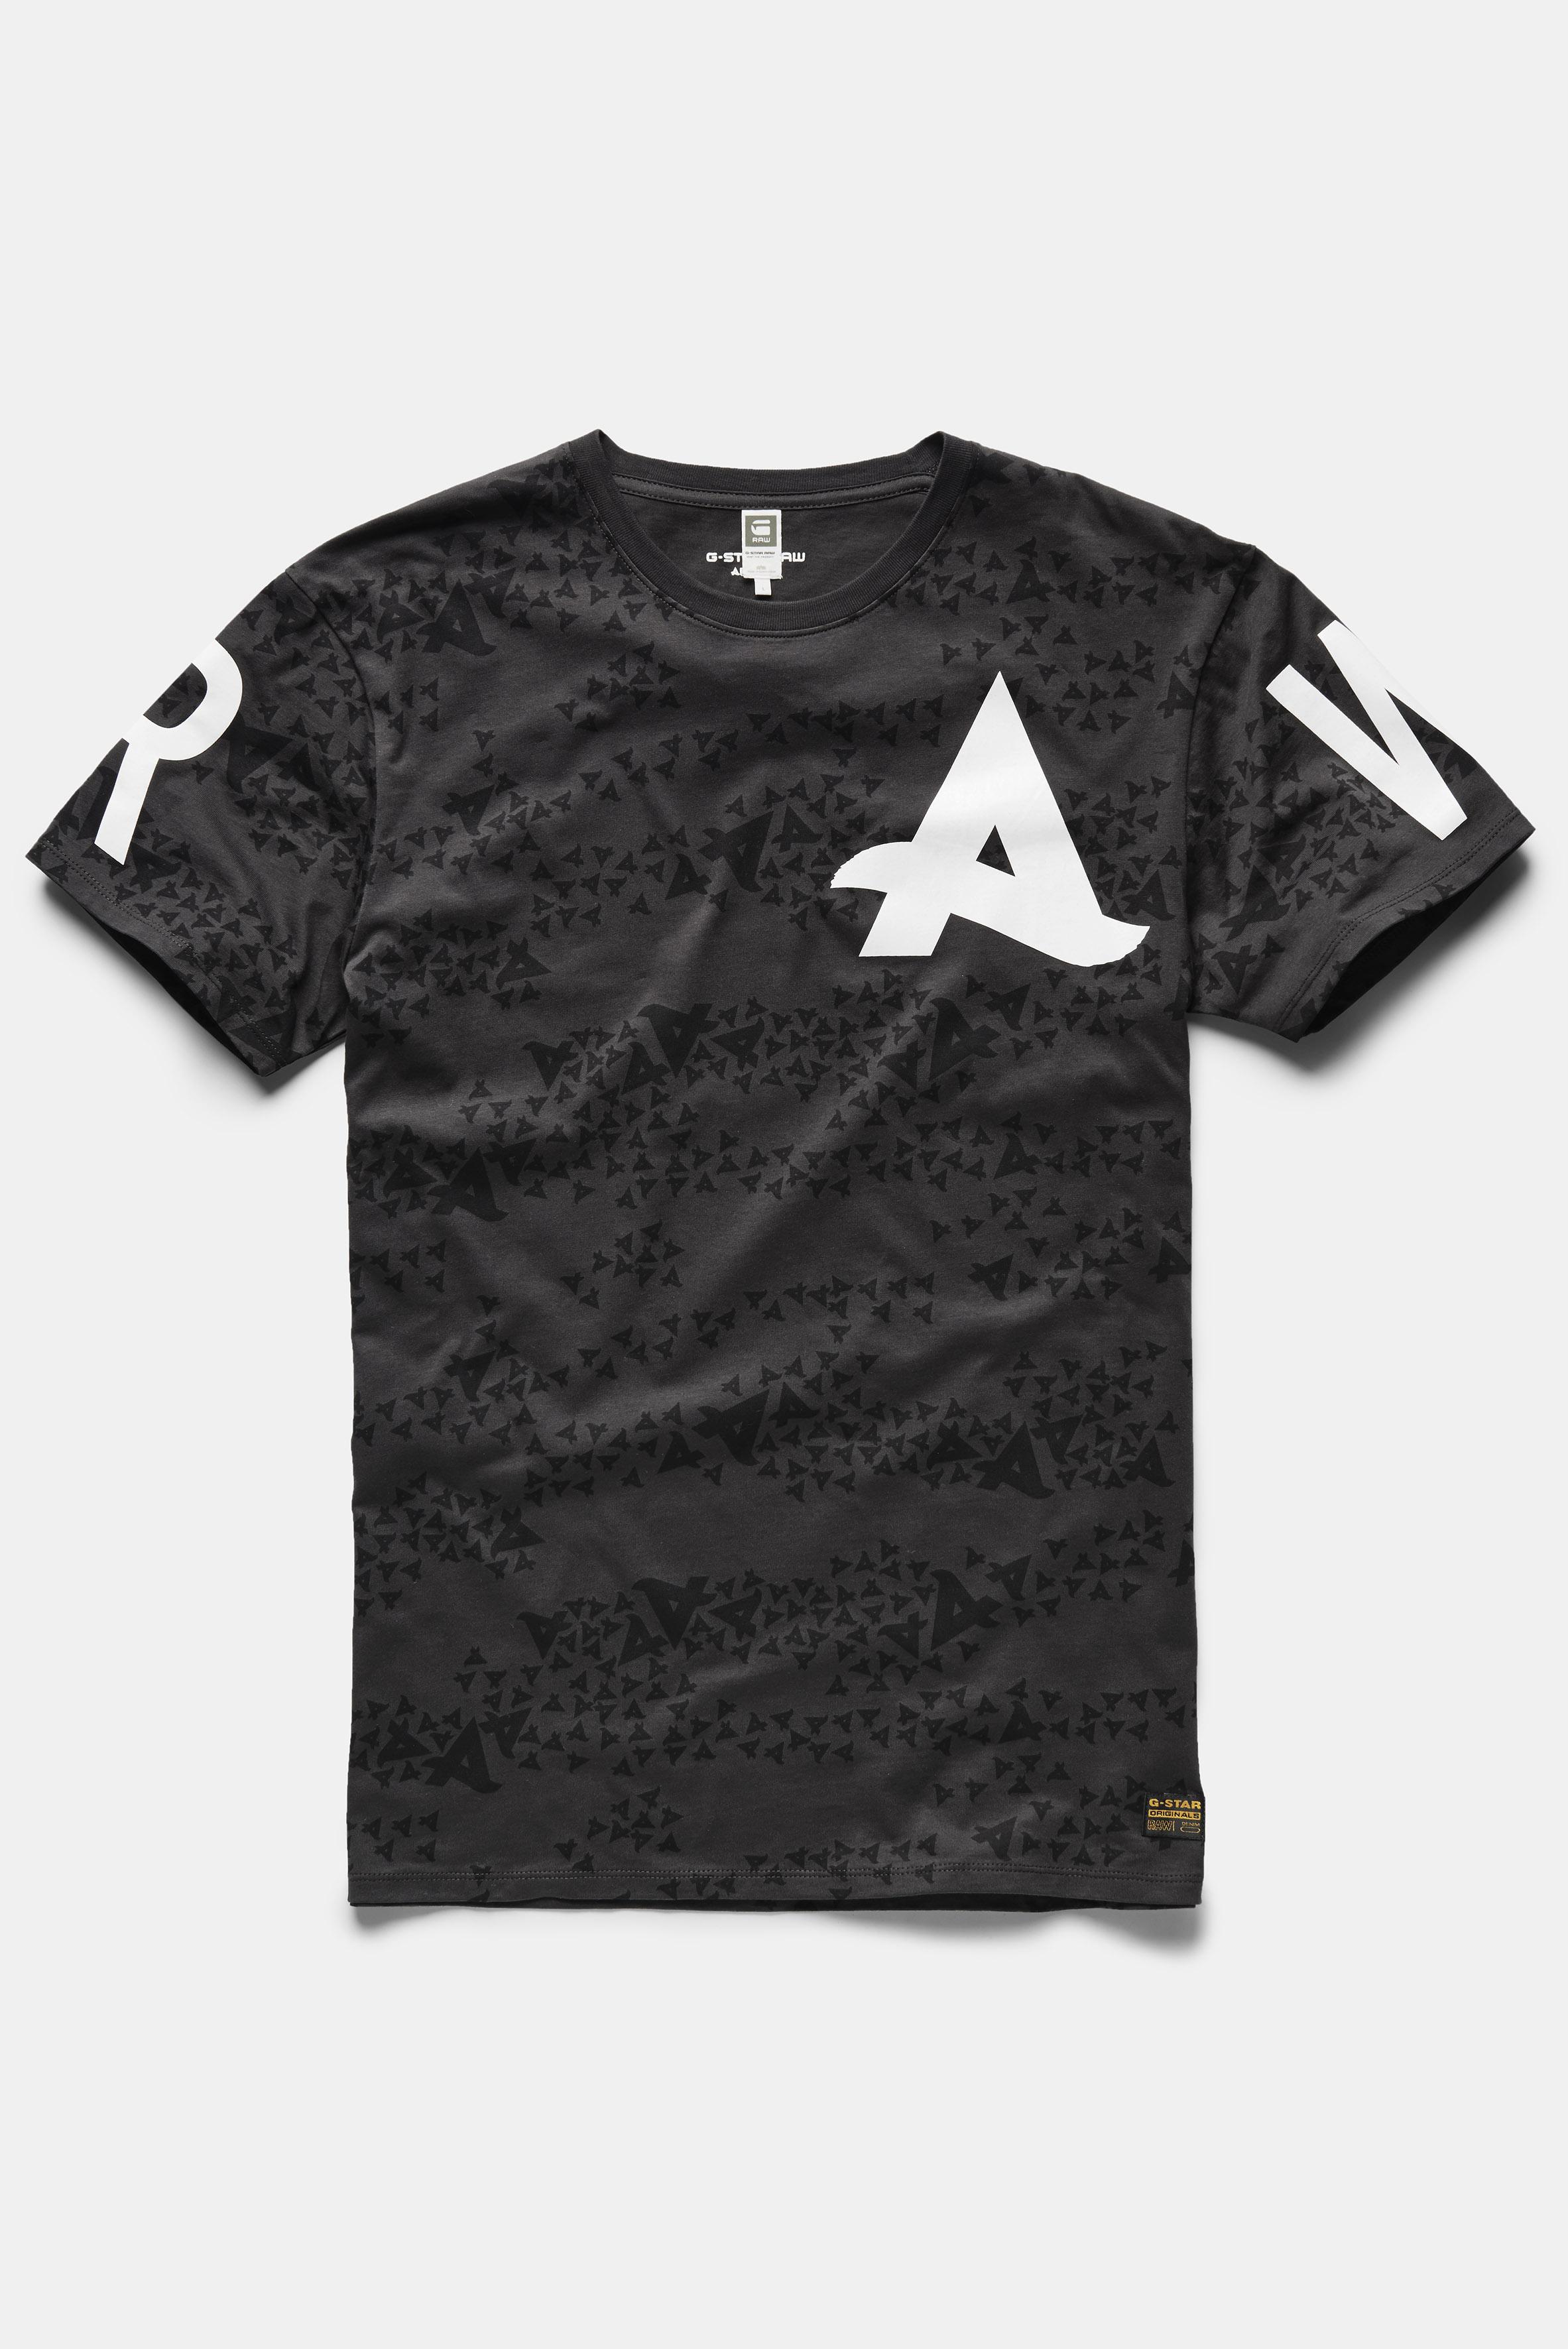 AJ-Tee-84800B.336.976